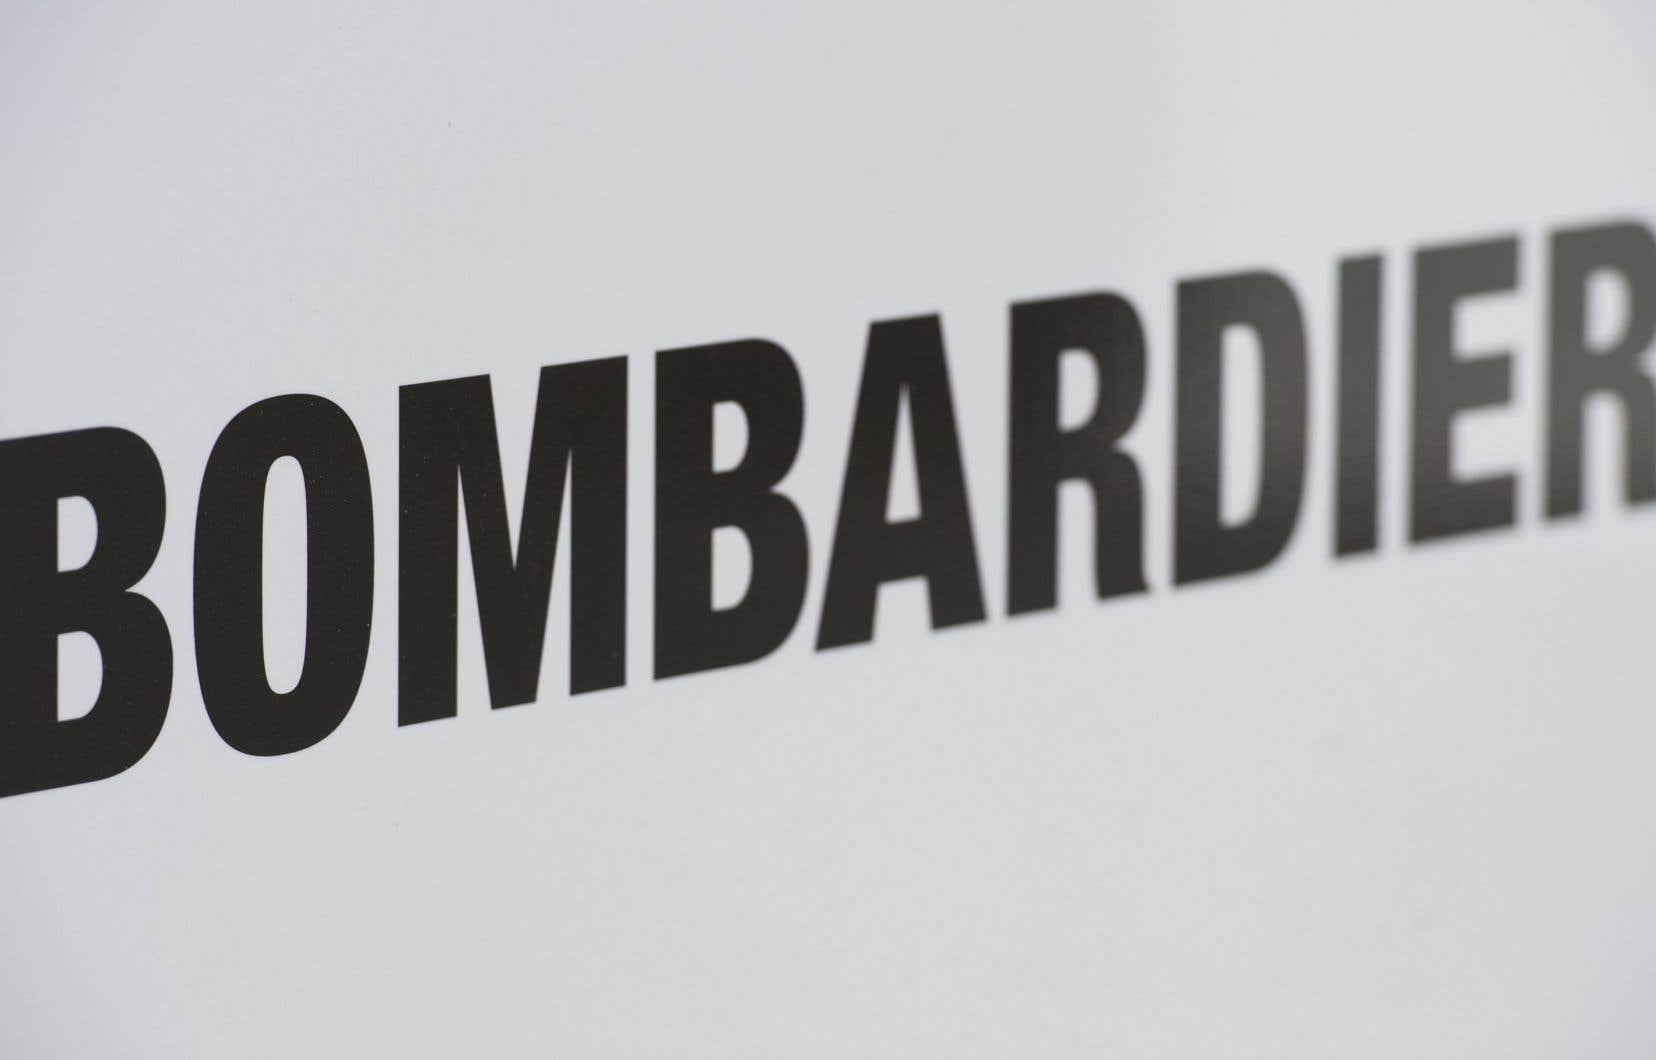 Bombardier Transport Brésil écope d'une amende de 7,9millions. L'entreprise pourrait également être privée, pendant cinq ans, de subventions publiques, ce qui ne l'empêche toutefois pas d'obtenir des contrats publics.